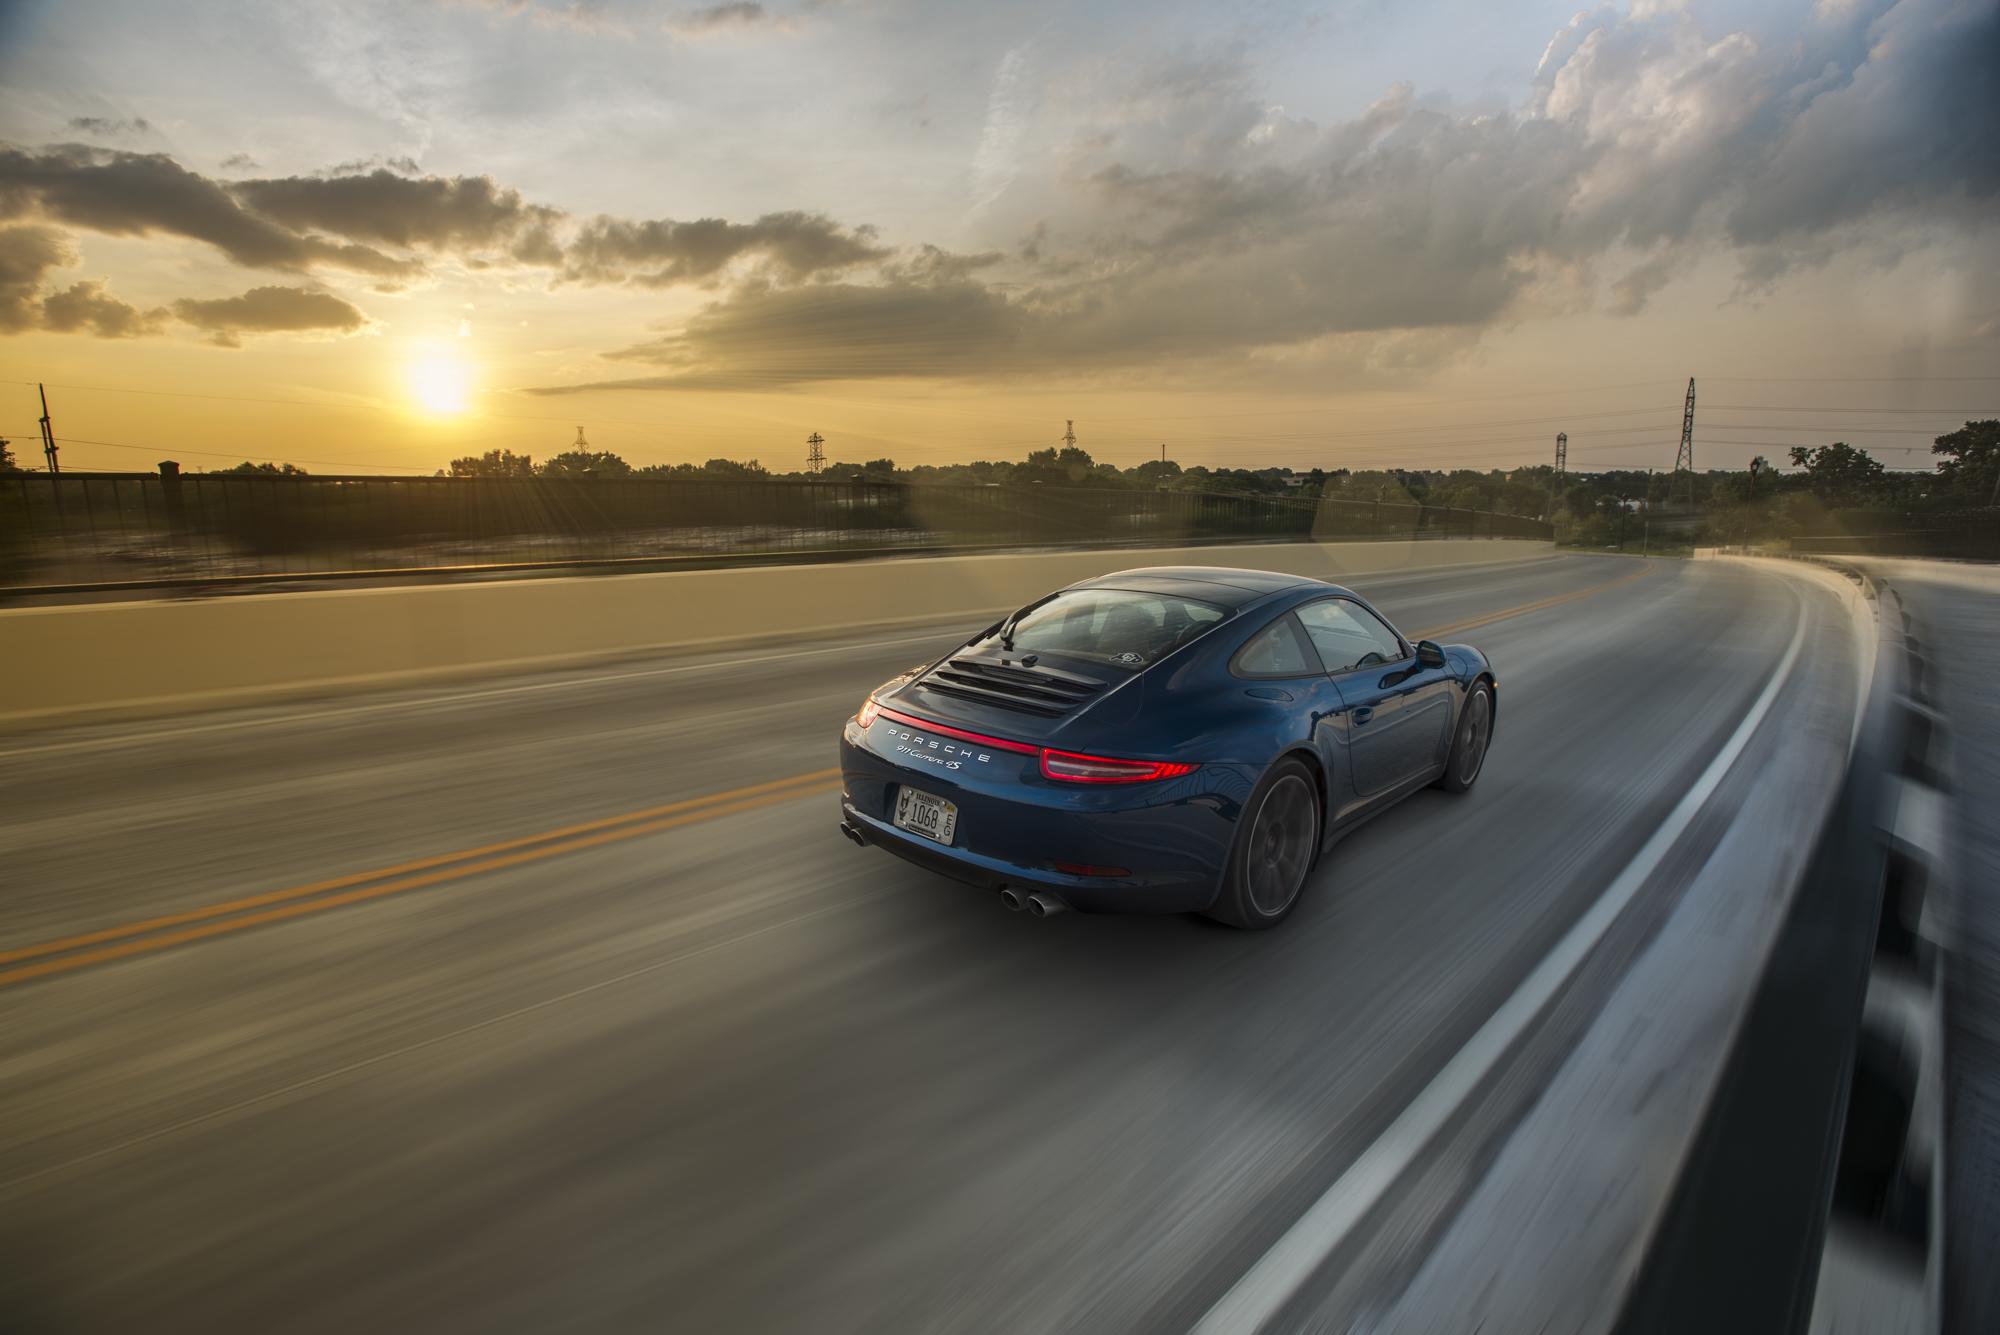 Porsche 911 Sunset